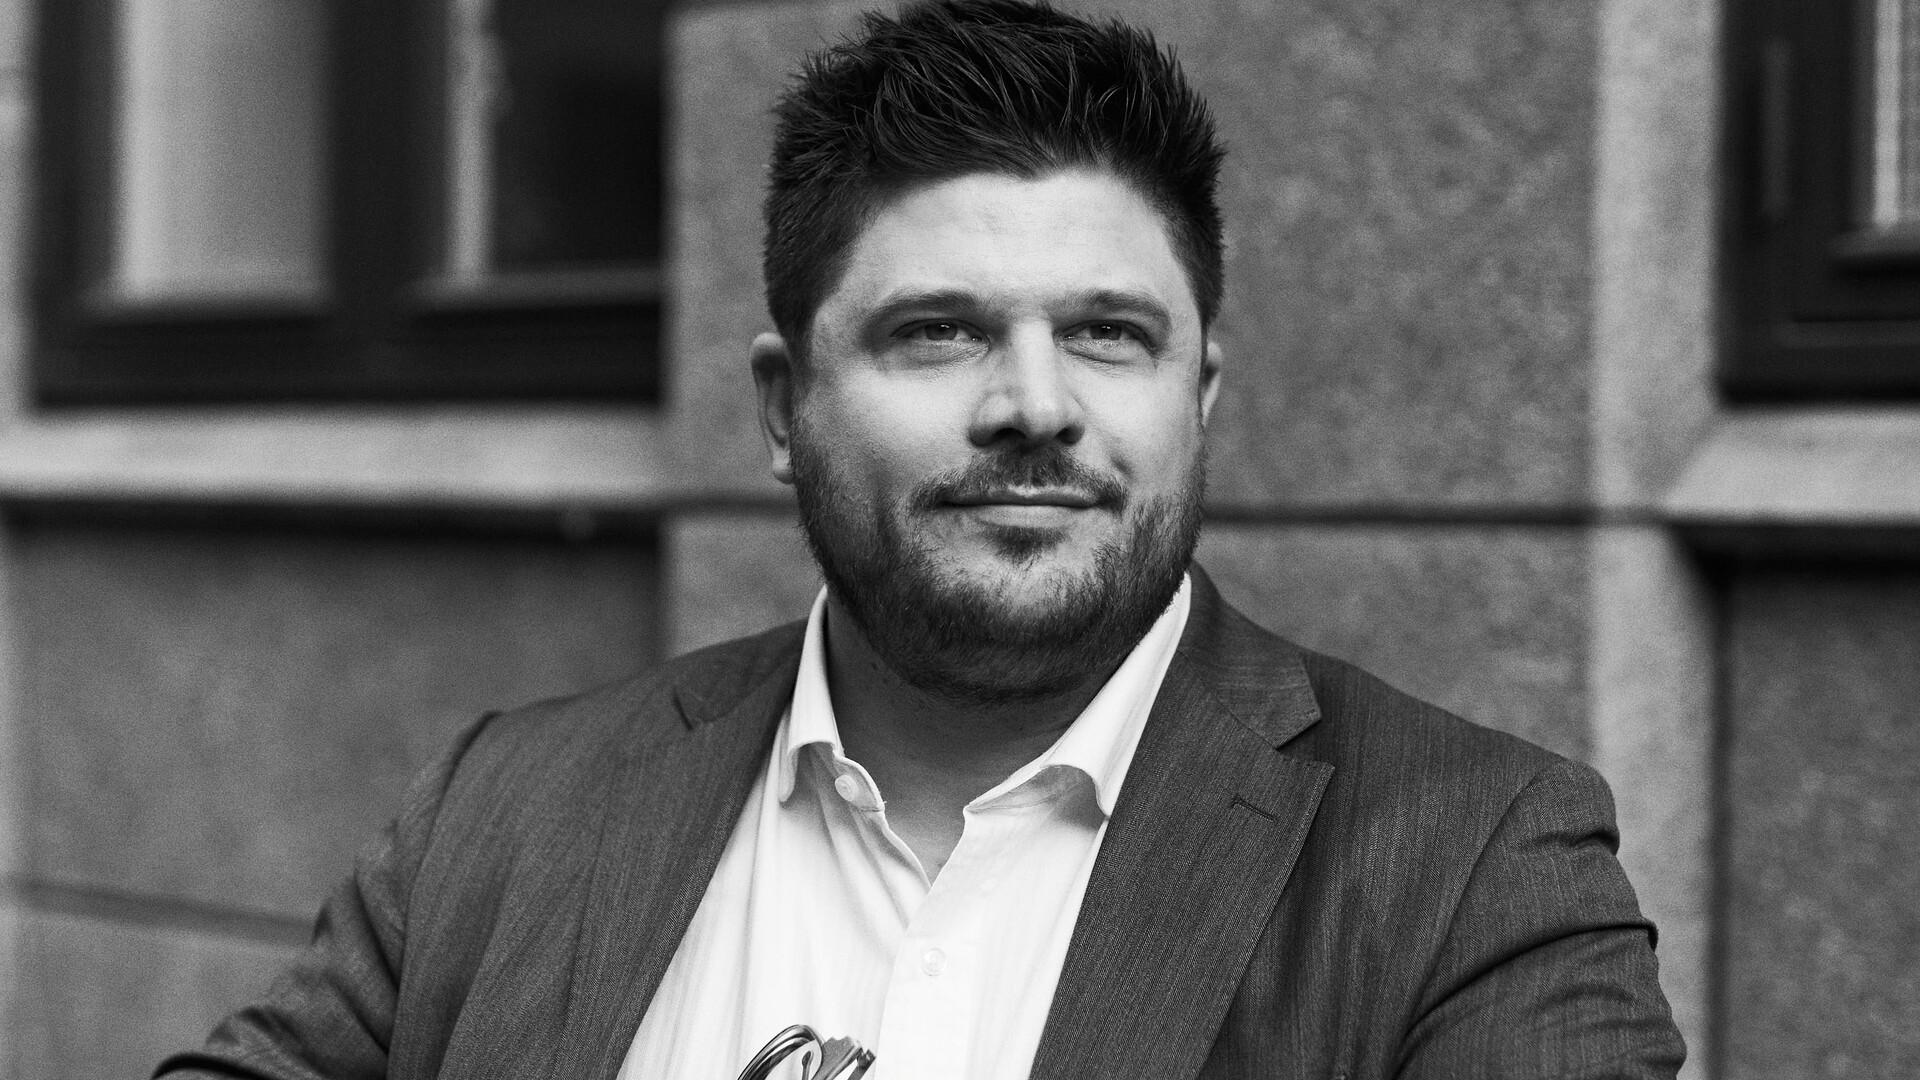 Jonatan Møller Sousa: Vores vrede og skænderier om konflikten mellem Israel og Palæstina er lige så nyttesløse som krigshandlingerne i Mellemøsten